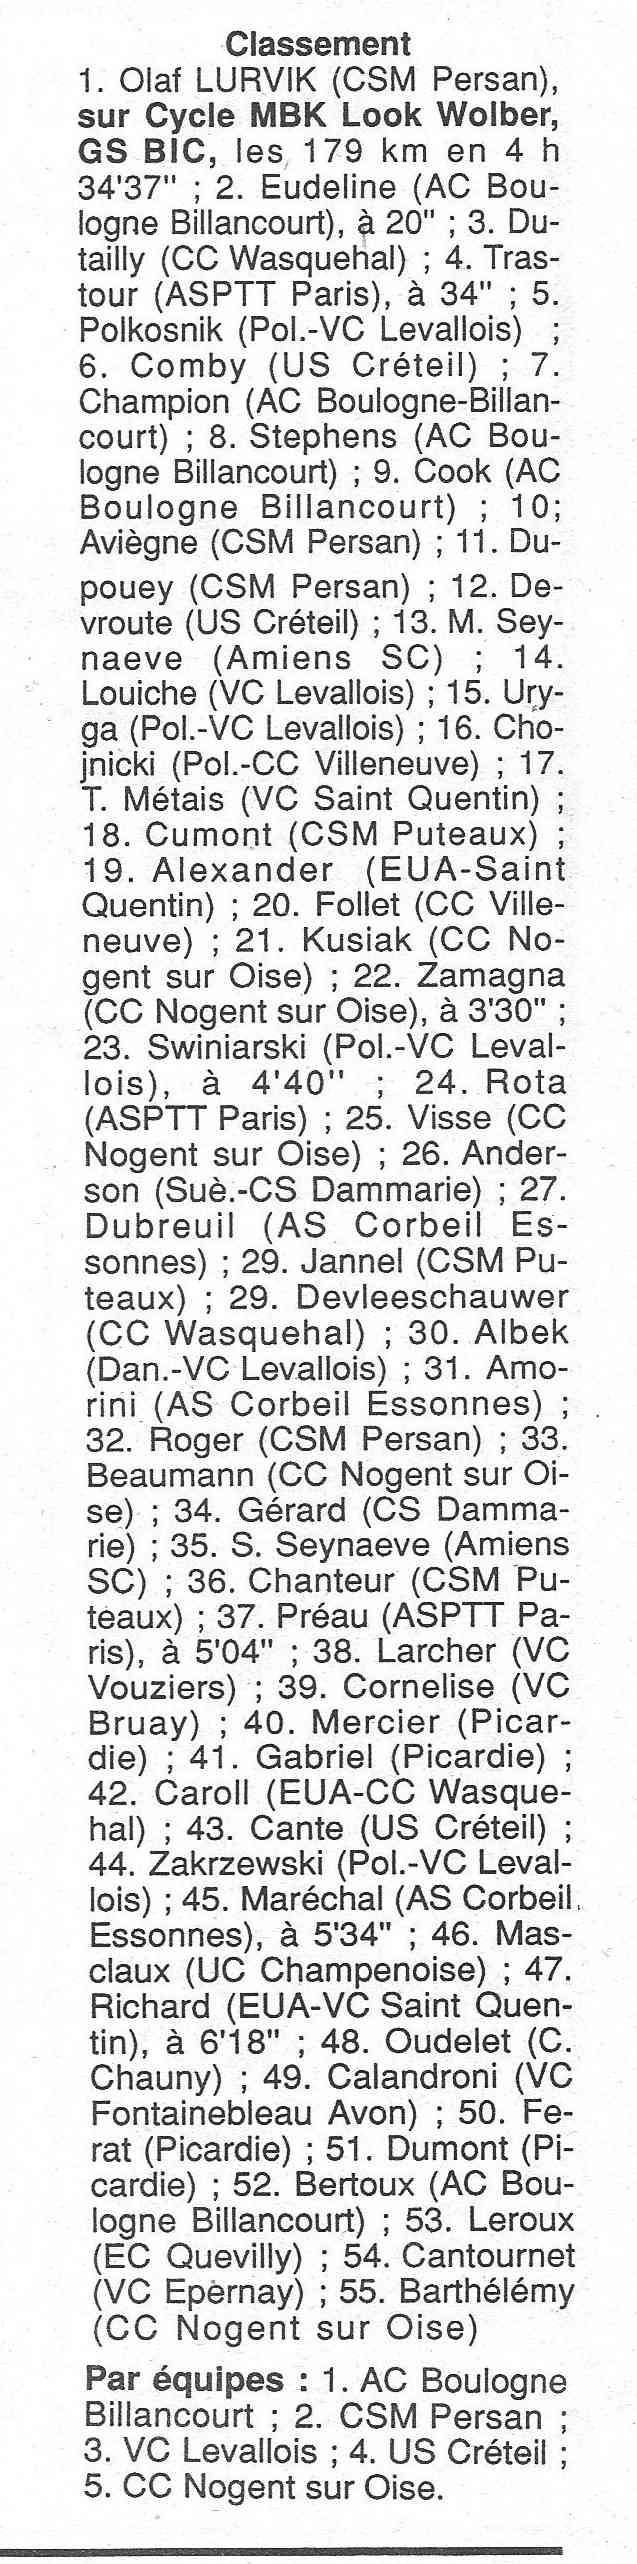 CSM.Persan. BIC. Toute une époque de janvier 1990 à novembre 2007 - Page 2 1990_112